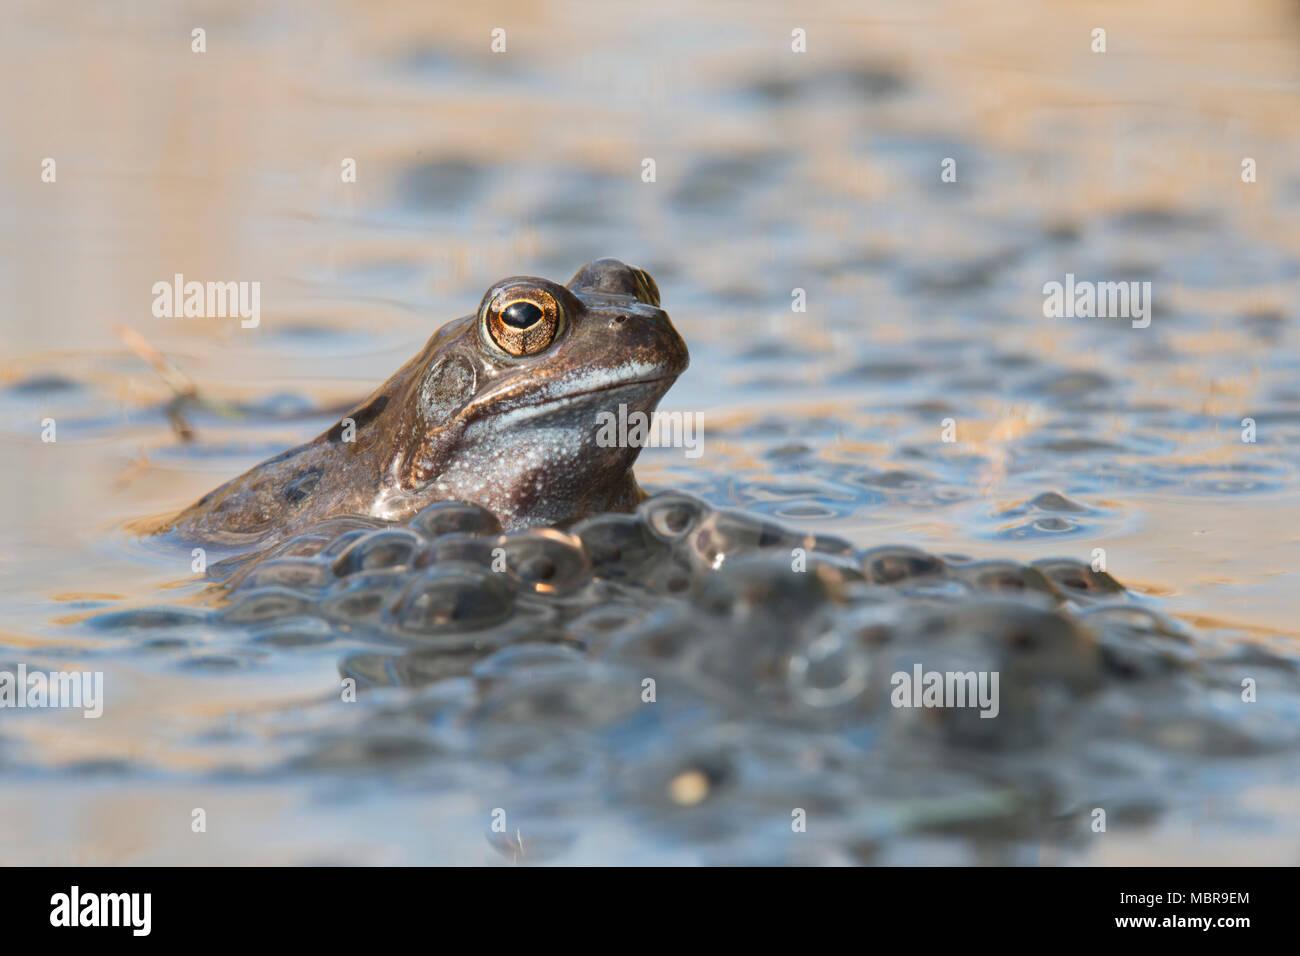 Grasfrosch (Rana temporaria) laichen in Gewässern, Emsland, Niedersachsen, Deutschland Stockbild